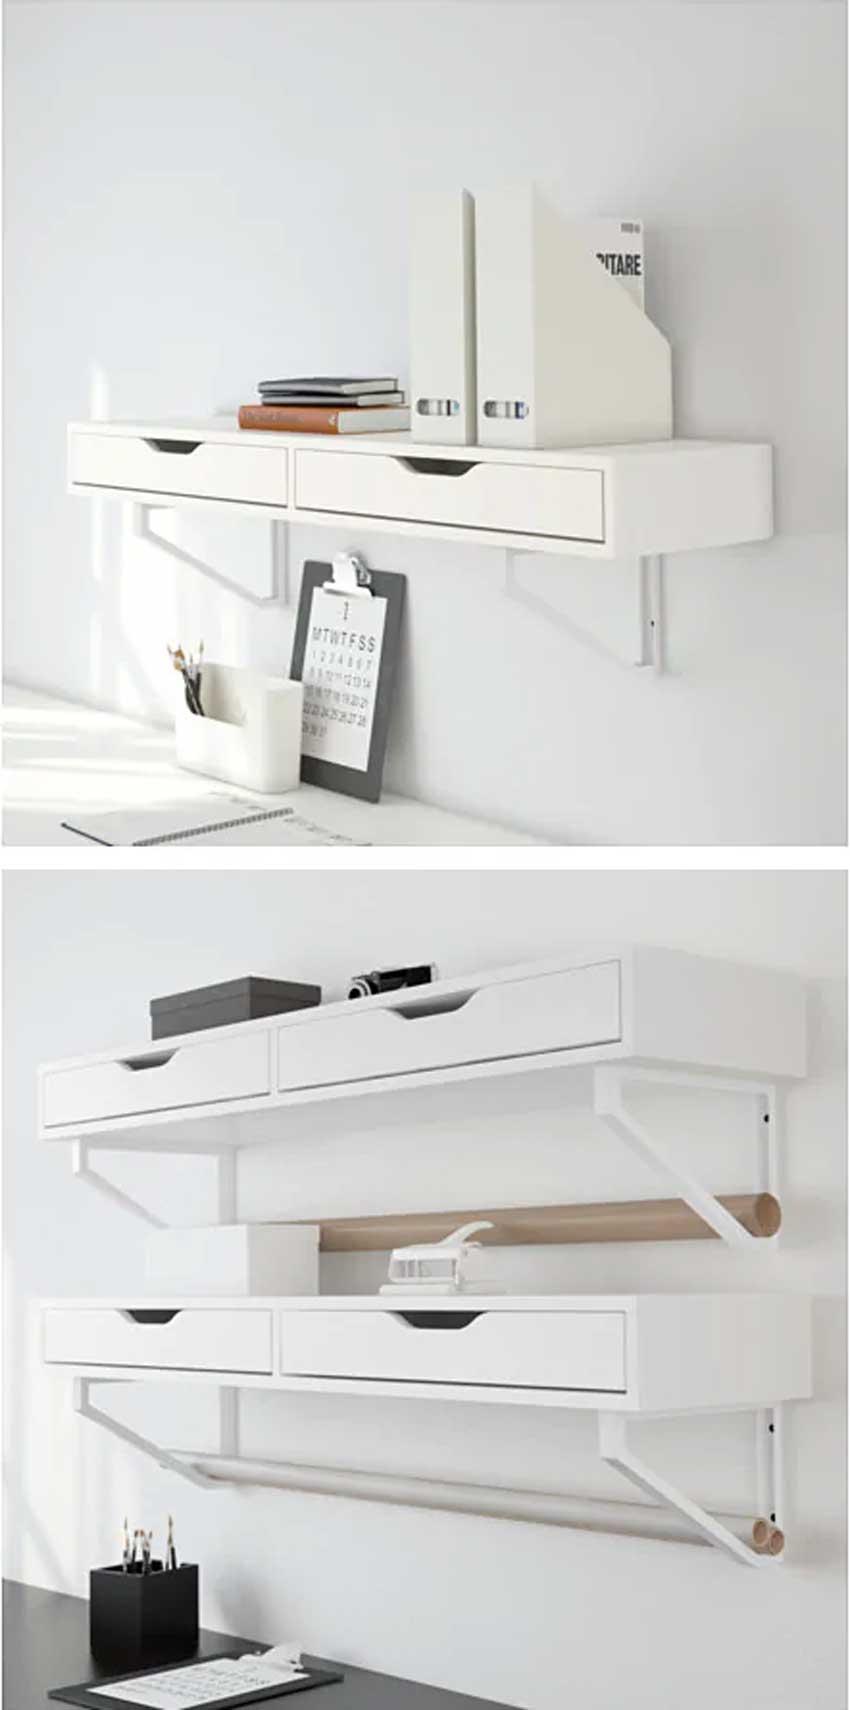 Mensole Ikea Legno.Mensole Ikea 15 Modi Di Utilizzarle In Modo Furbo Per